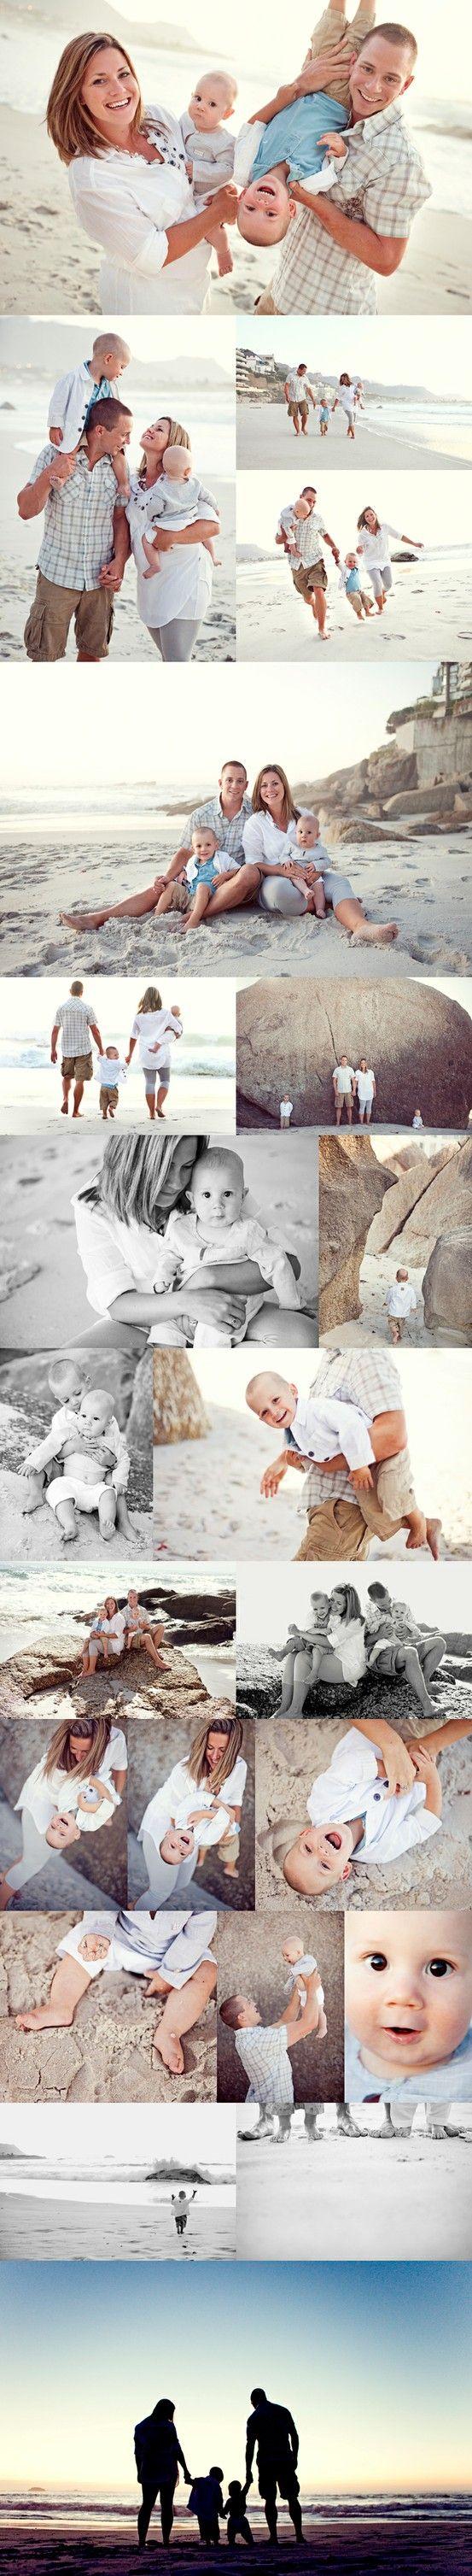 Family Beach ideas